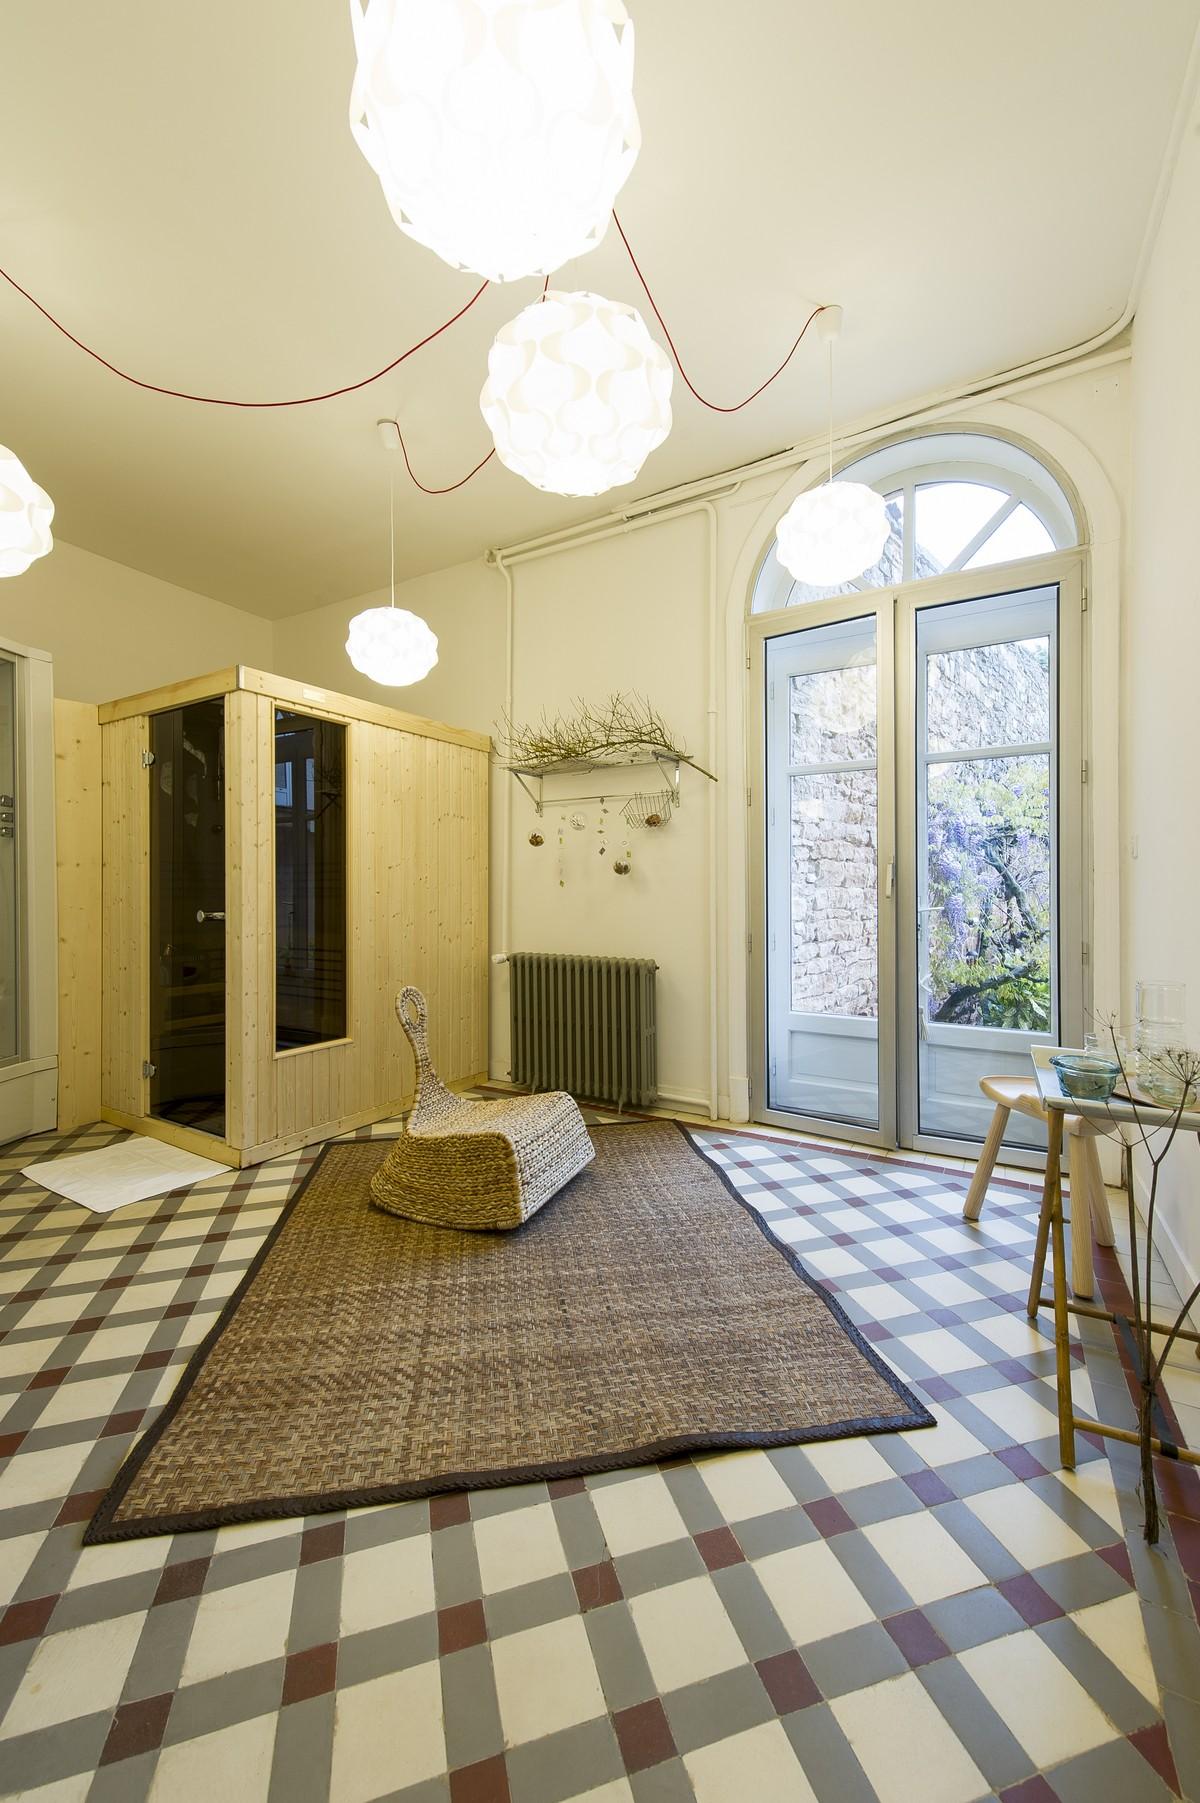 atelier d 39 architecture aur lie nicolas architecte lyon r novation par architecte d 39 une. Black Bedroom Furniture Sets. Home Design Ideas